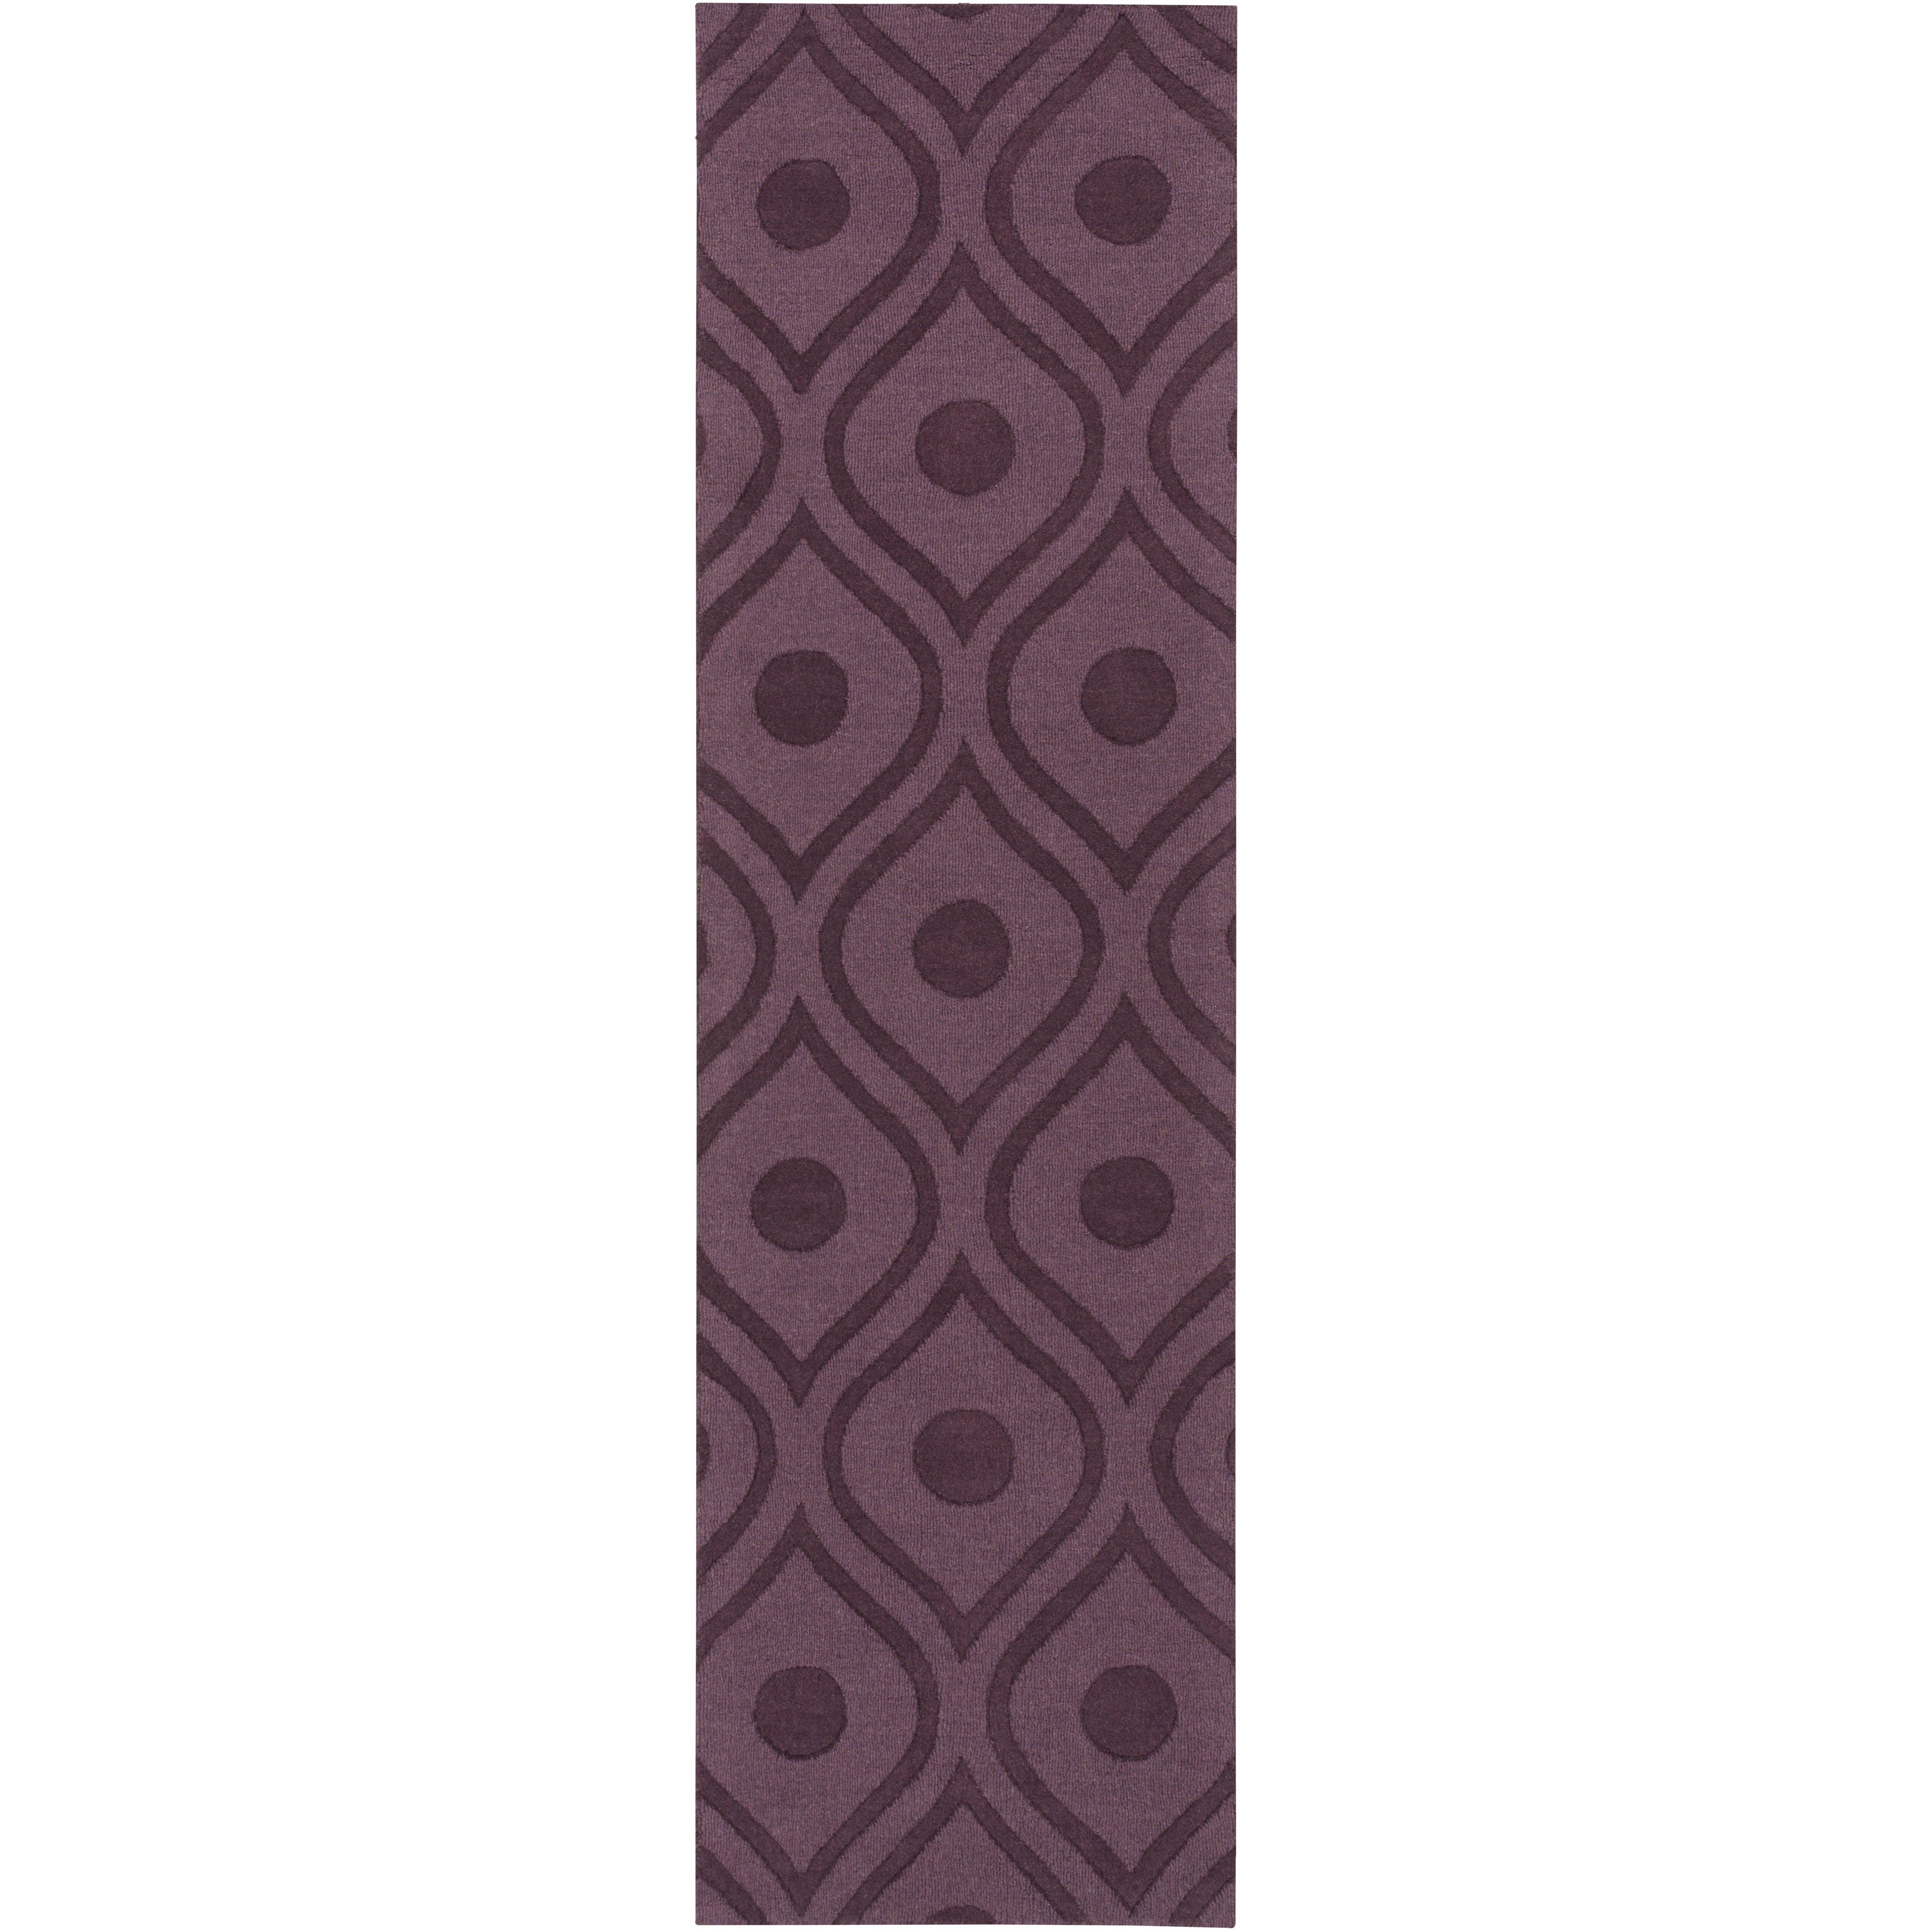 Artistic Weavers Central Park Purple Geometric Zara Area